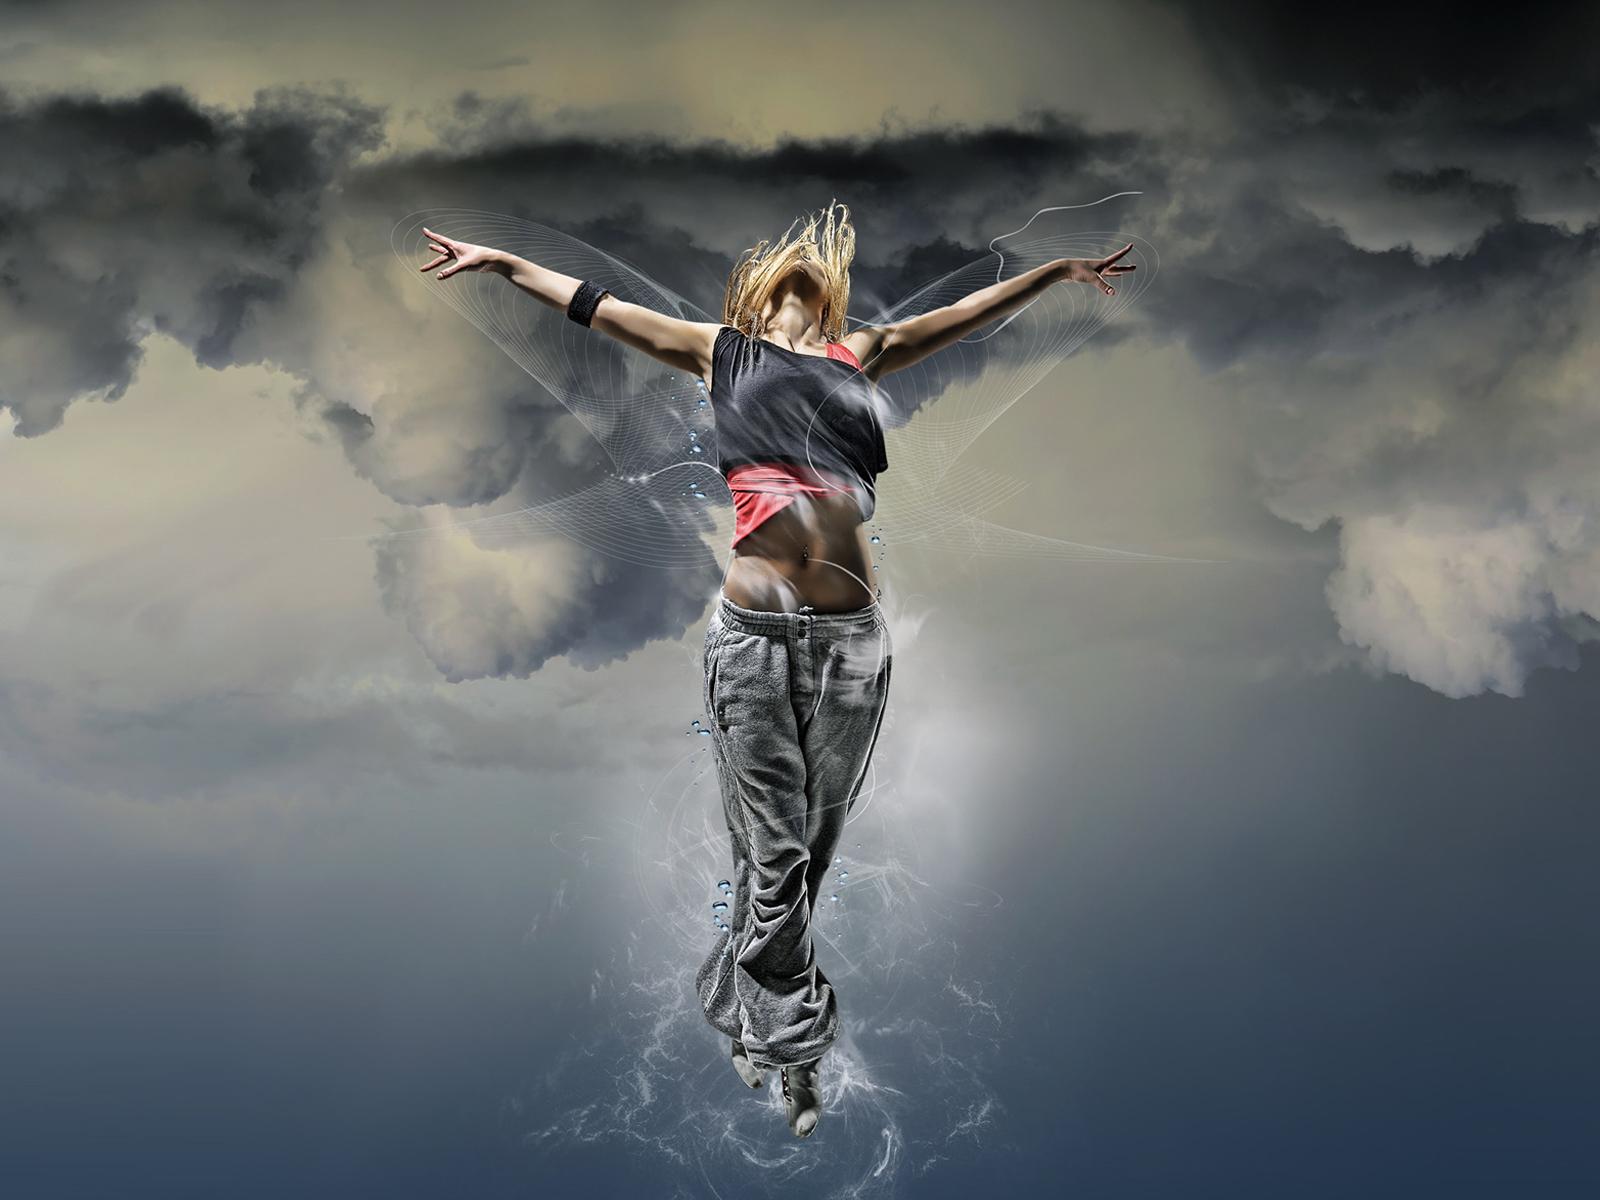 http://1.bp.blogspot.com/-DLk79INQ_Sk/T7FmxFqAZZI/AAAAAAAAAaA/ZjW0qQk793g/s1600/modern+angel.jpg